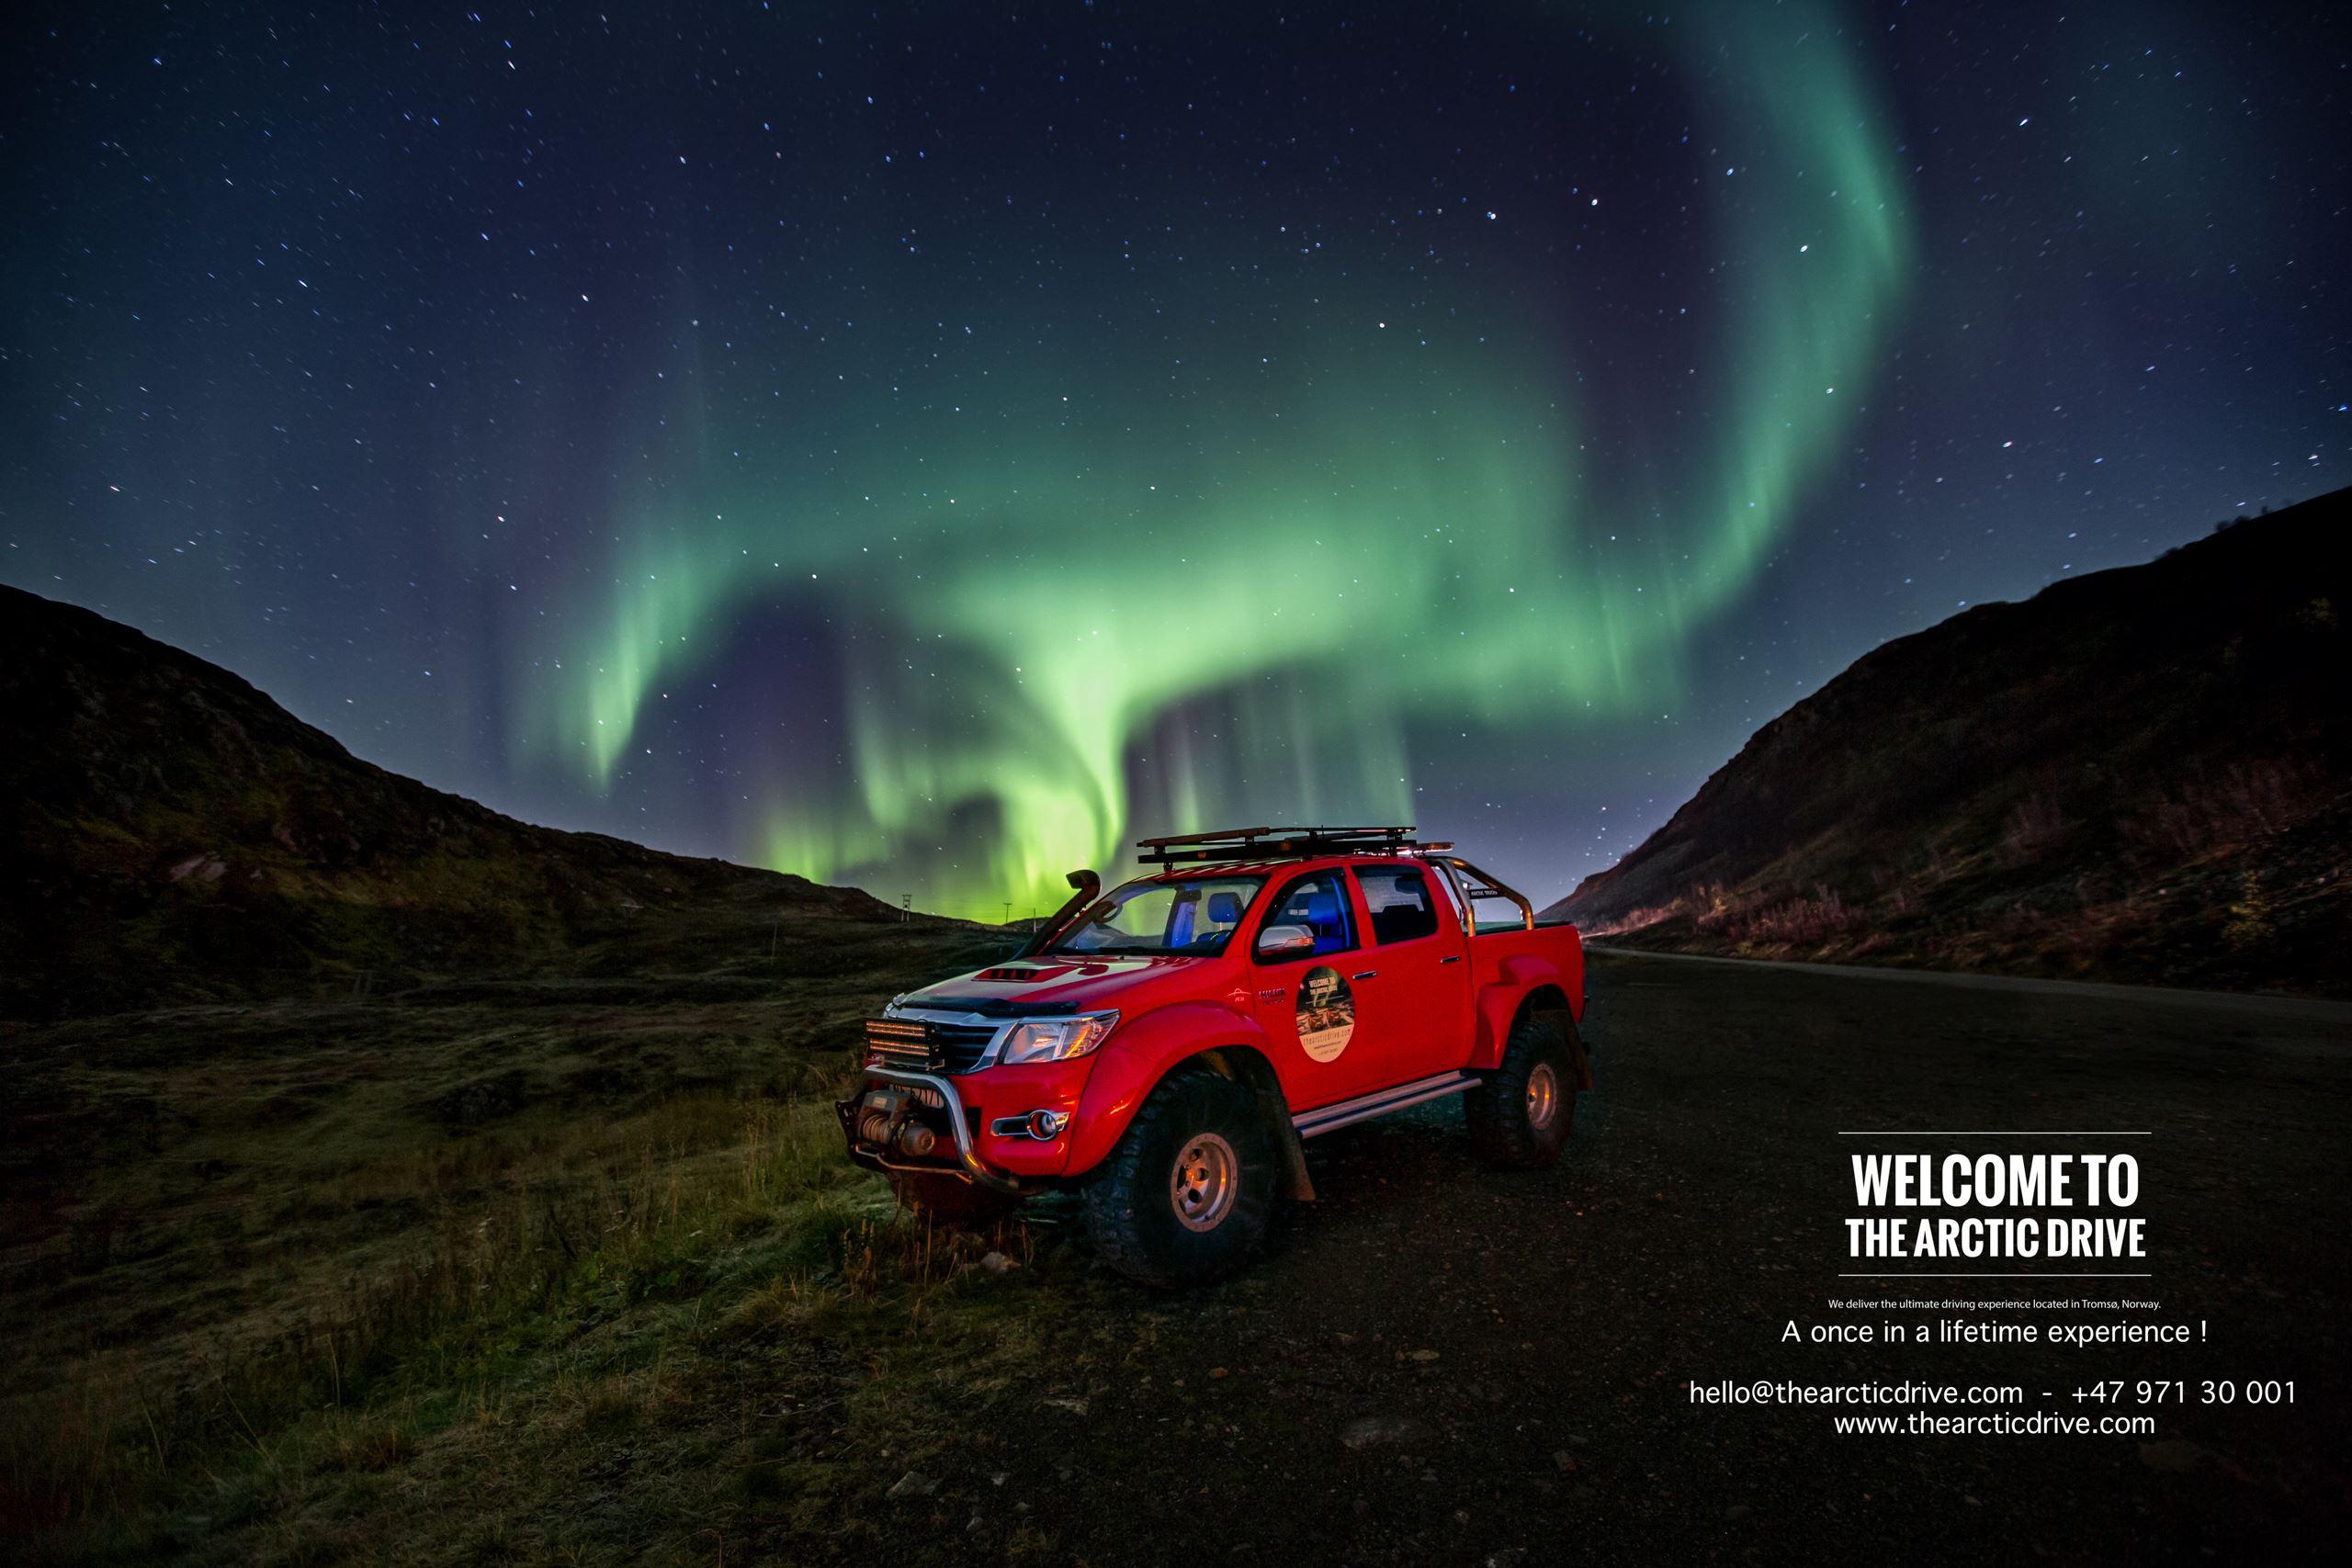 Luksus Minibuss Nordlystur - The Arctic Drive